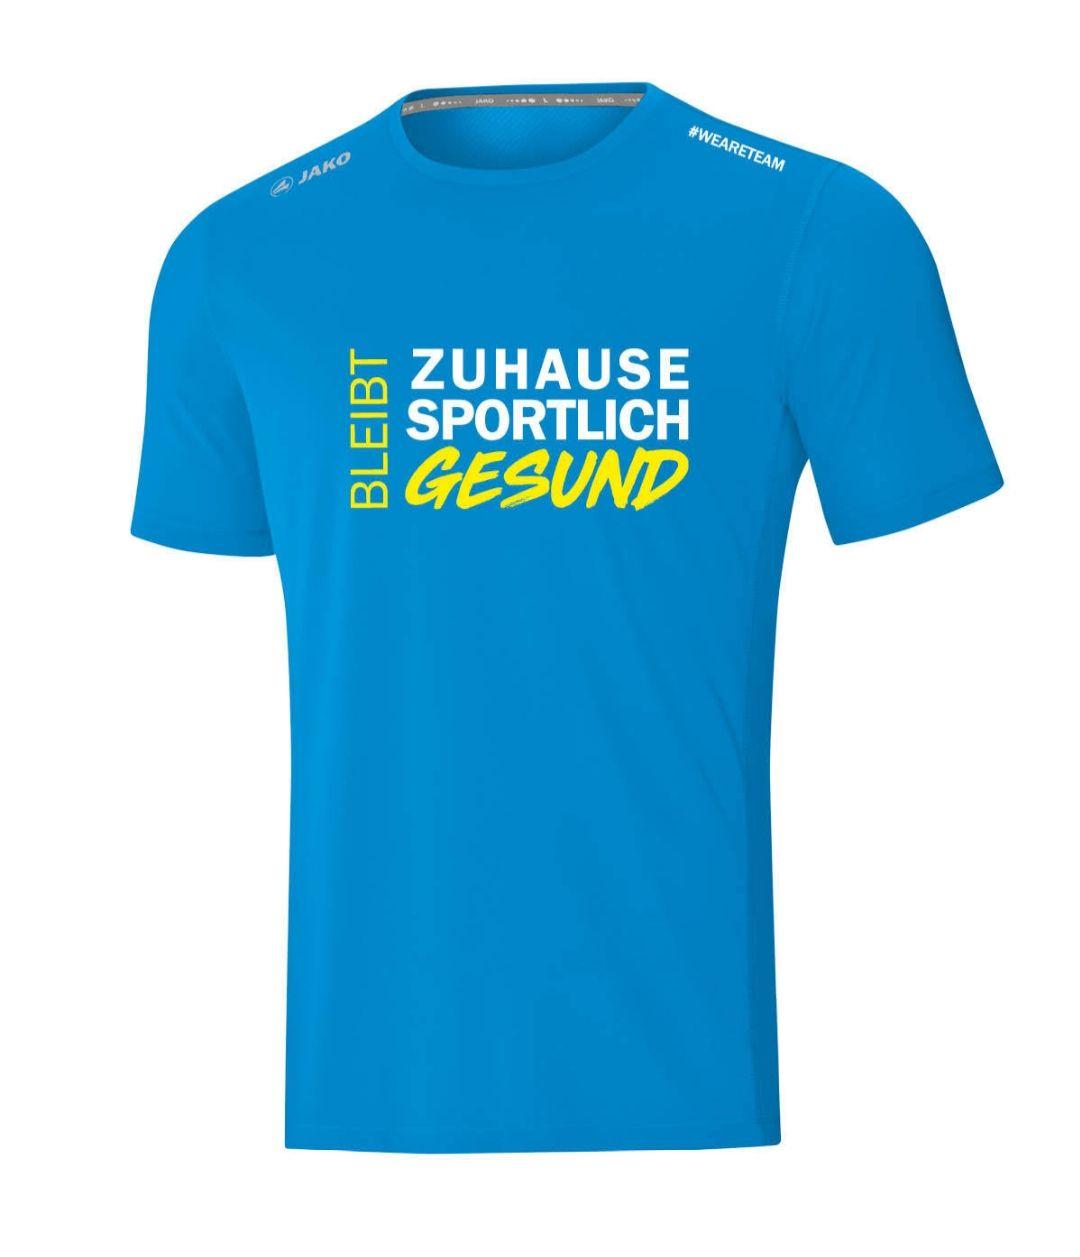 T-Shirt kaufen, Vereine unterstützen